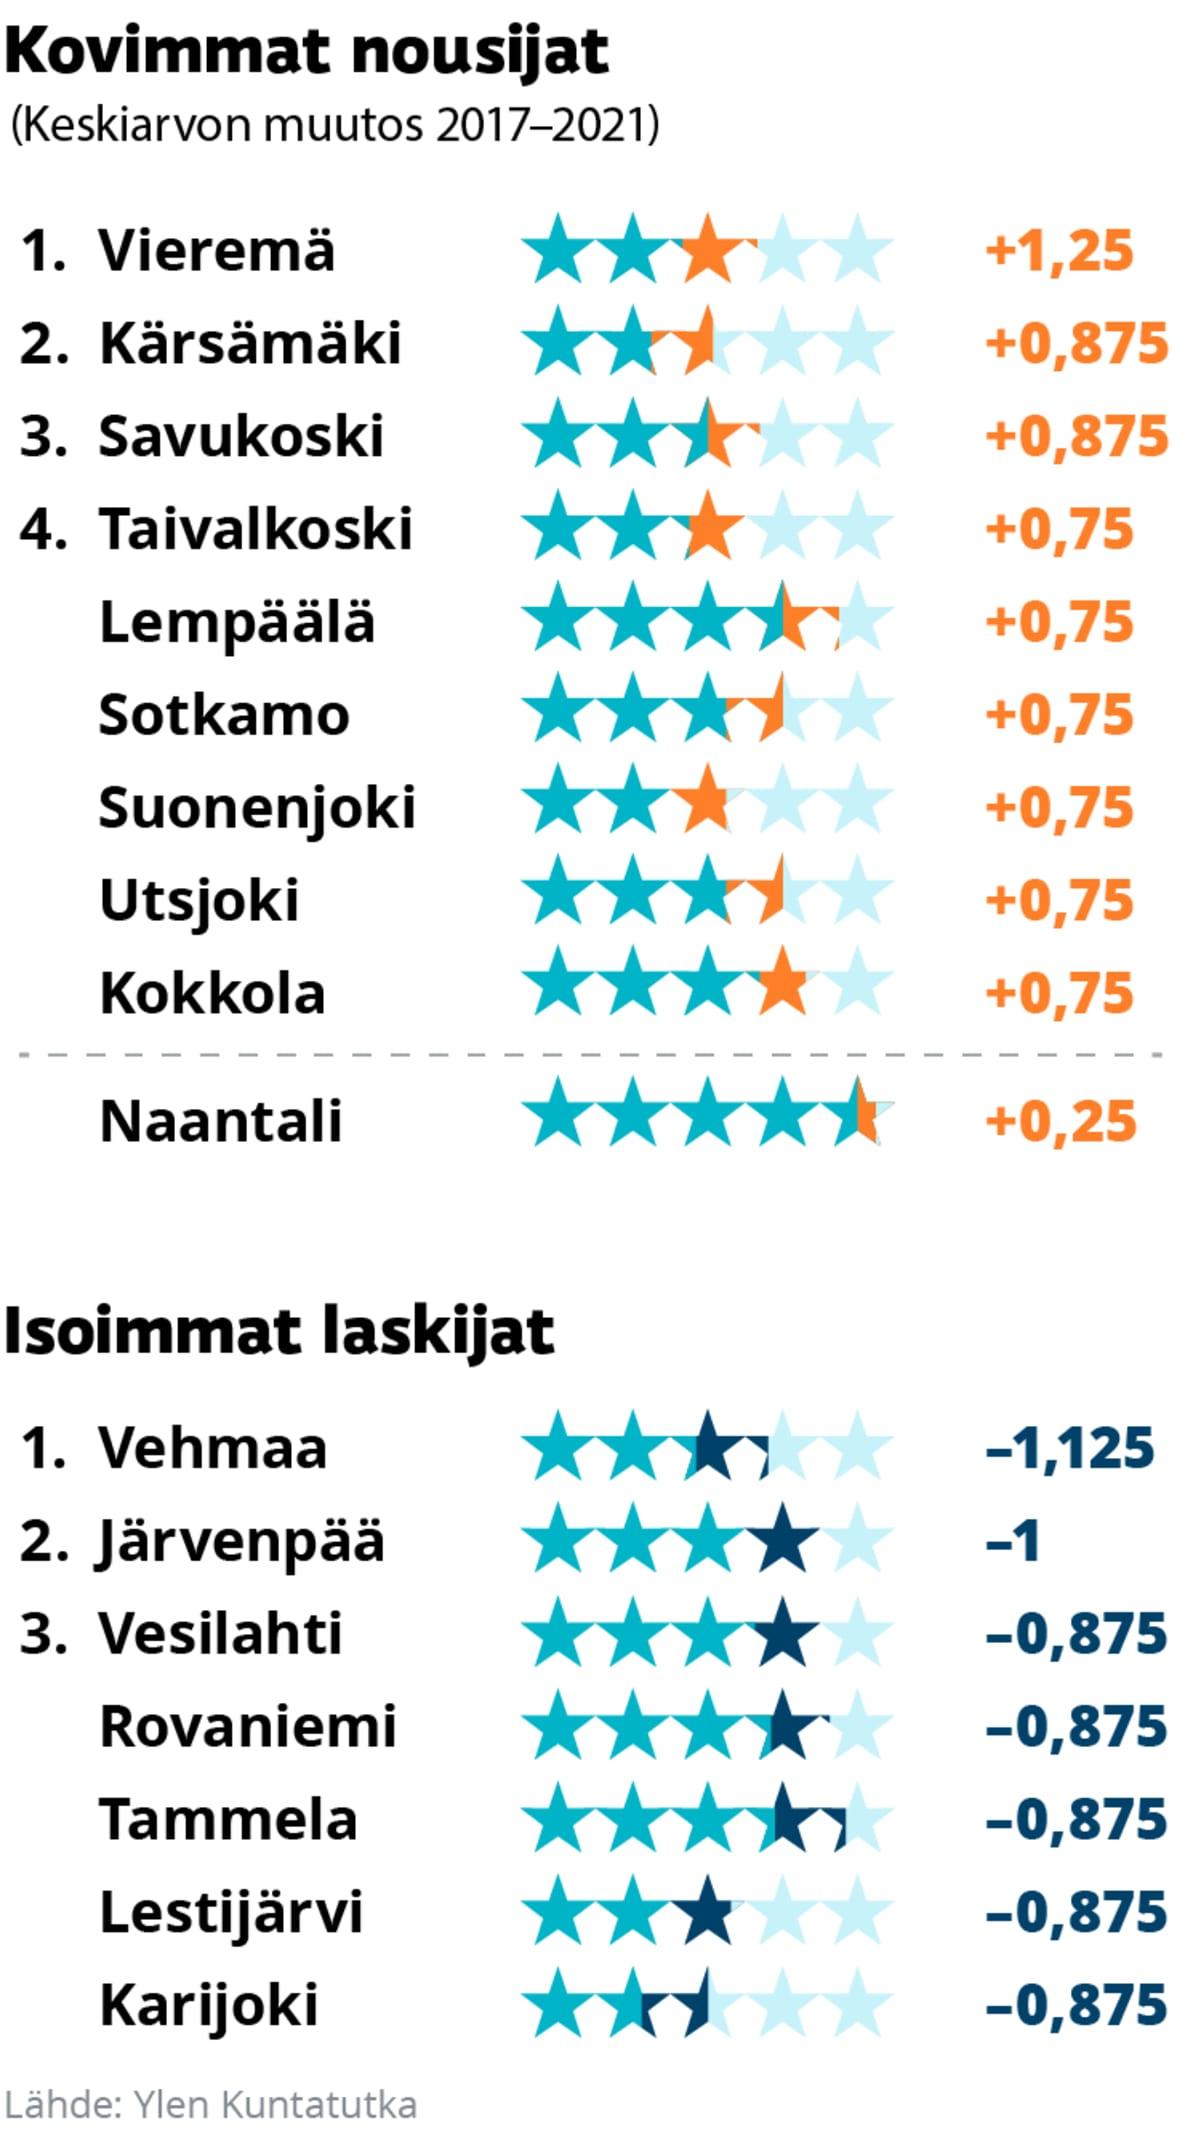 Kuntatutkan kovimmat nousijat 1. Vieremä, 2. Kärsämäki, 3. Savukoski, 4. Taivalkoski. Ja laskijat 1. Vehmaa, 2. Järvenpää, 3. Rovaniemi, 4. Vesilahti